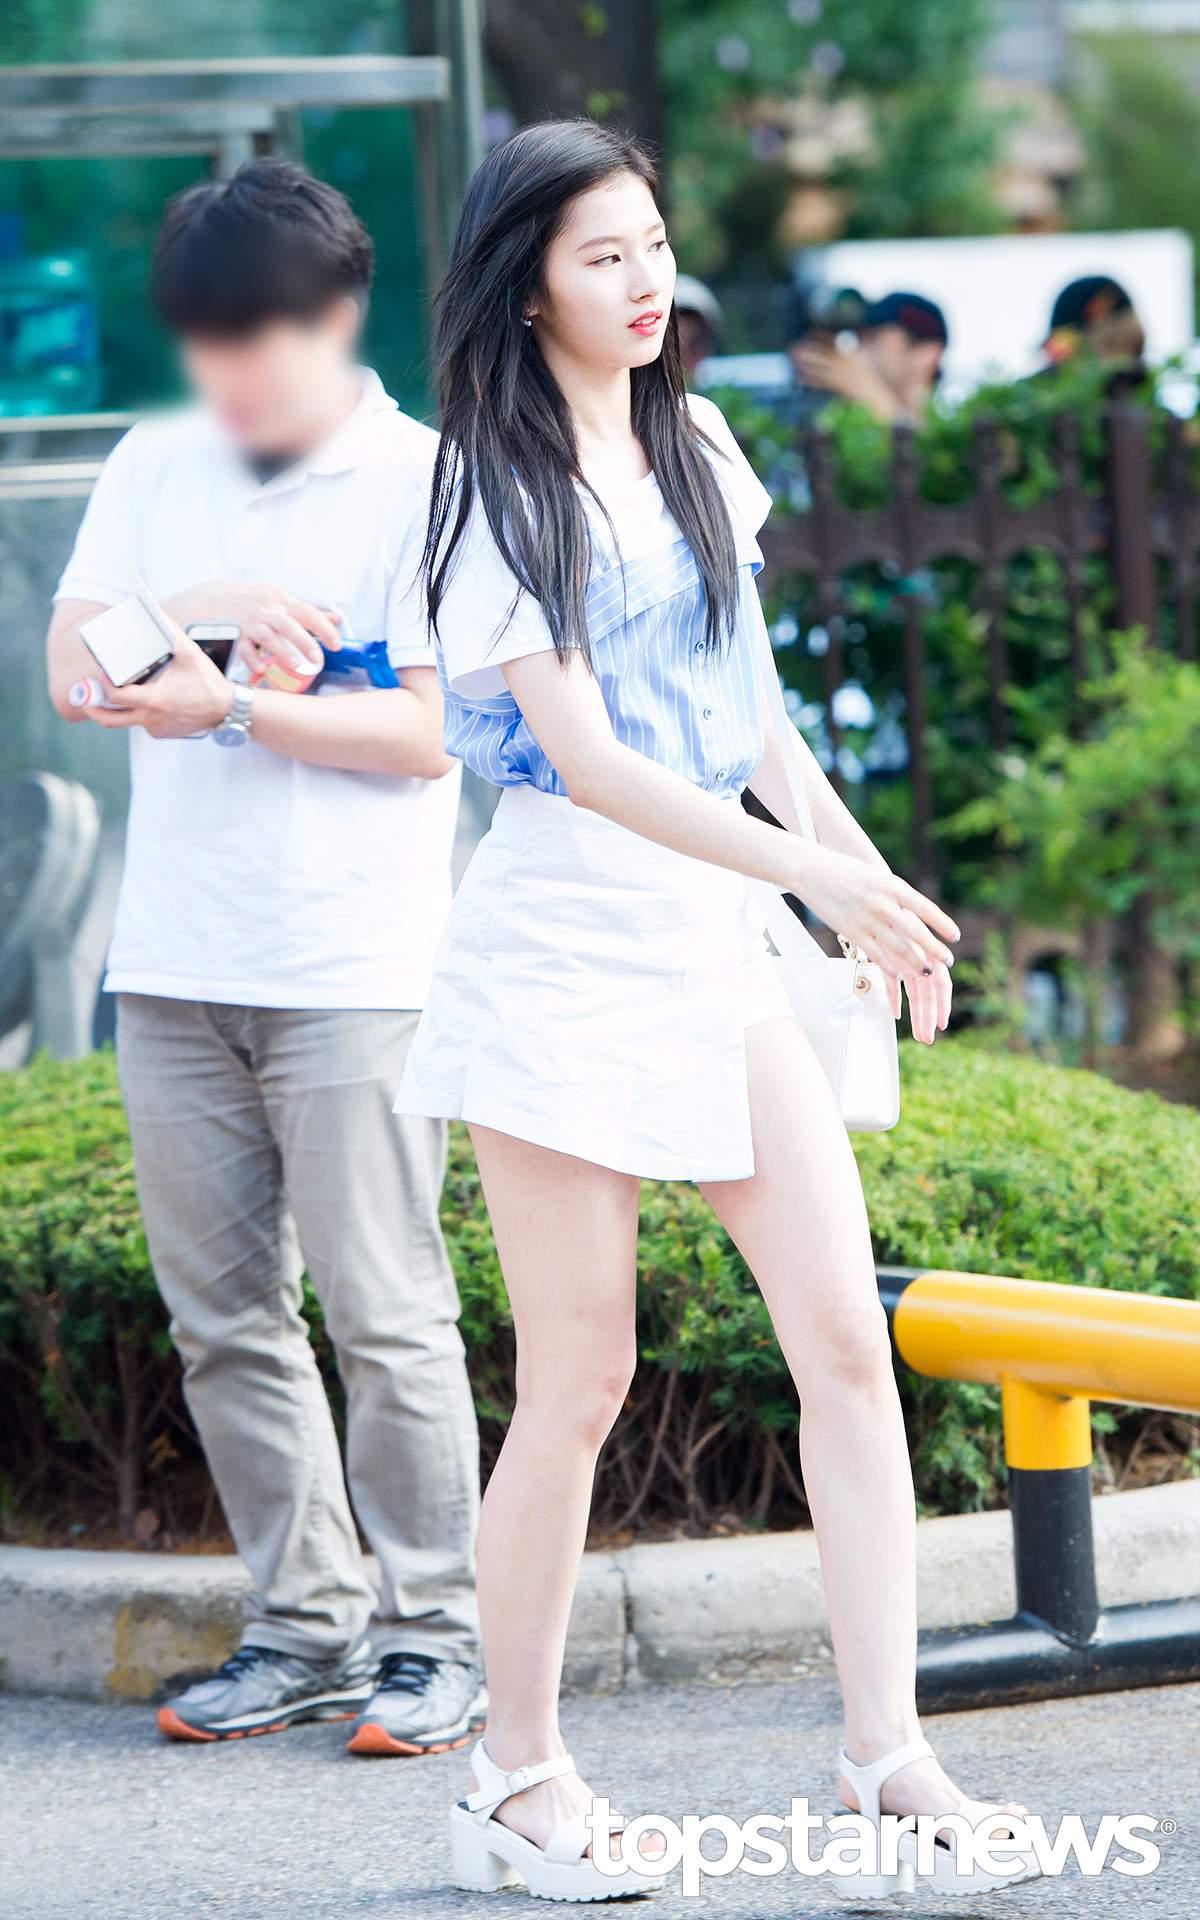 ♡Sana 跟娜璉一樣走清純風的還有Sana, 細肩帶背心內搭棉白T,再搭配純白色的斜擺開叉裙。還有自然的黑色長直髮,看上去就很美好的感覺。